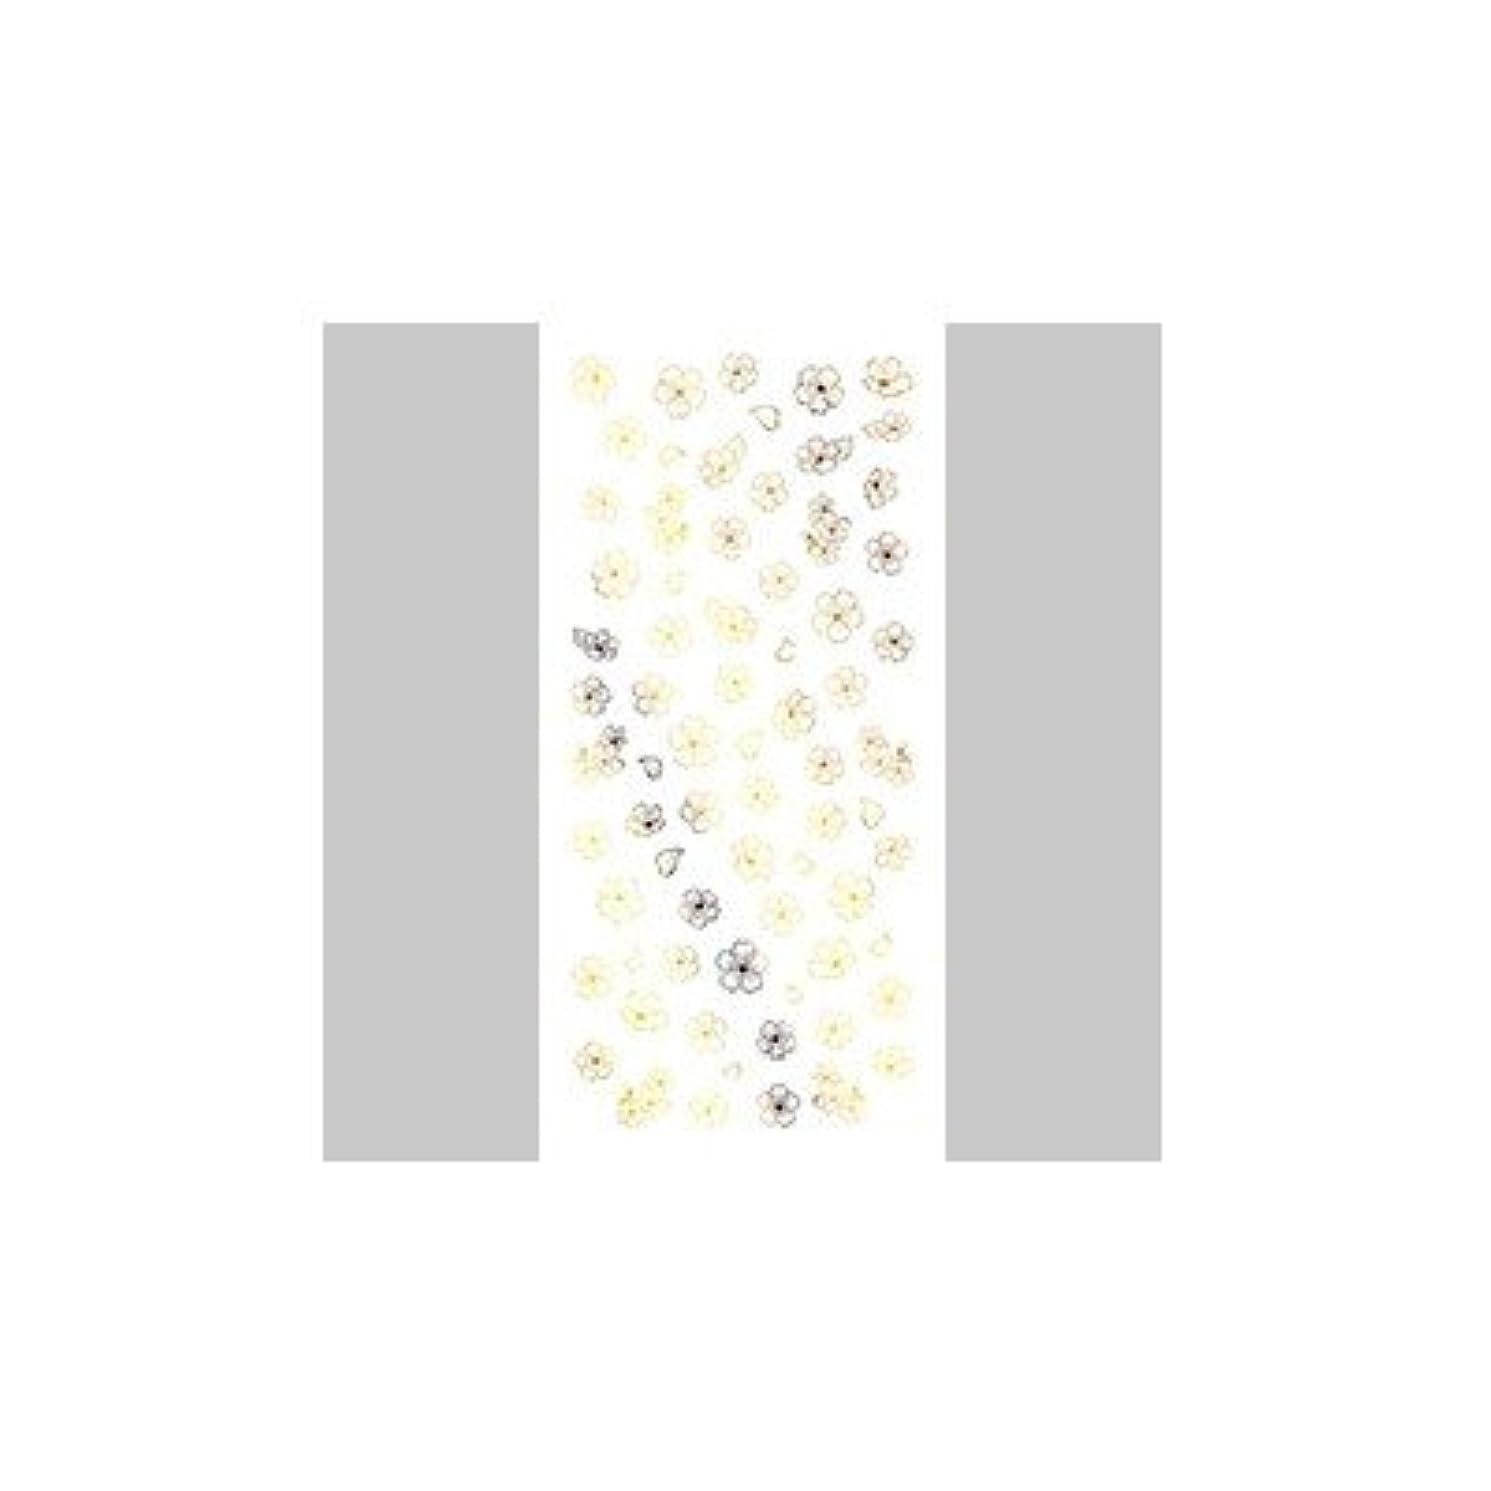 シャワーカレッジ普及ツメキラ(TSUMEKIRA) ネイル用シール さくら5 ゴールド SG-SKR-502